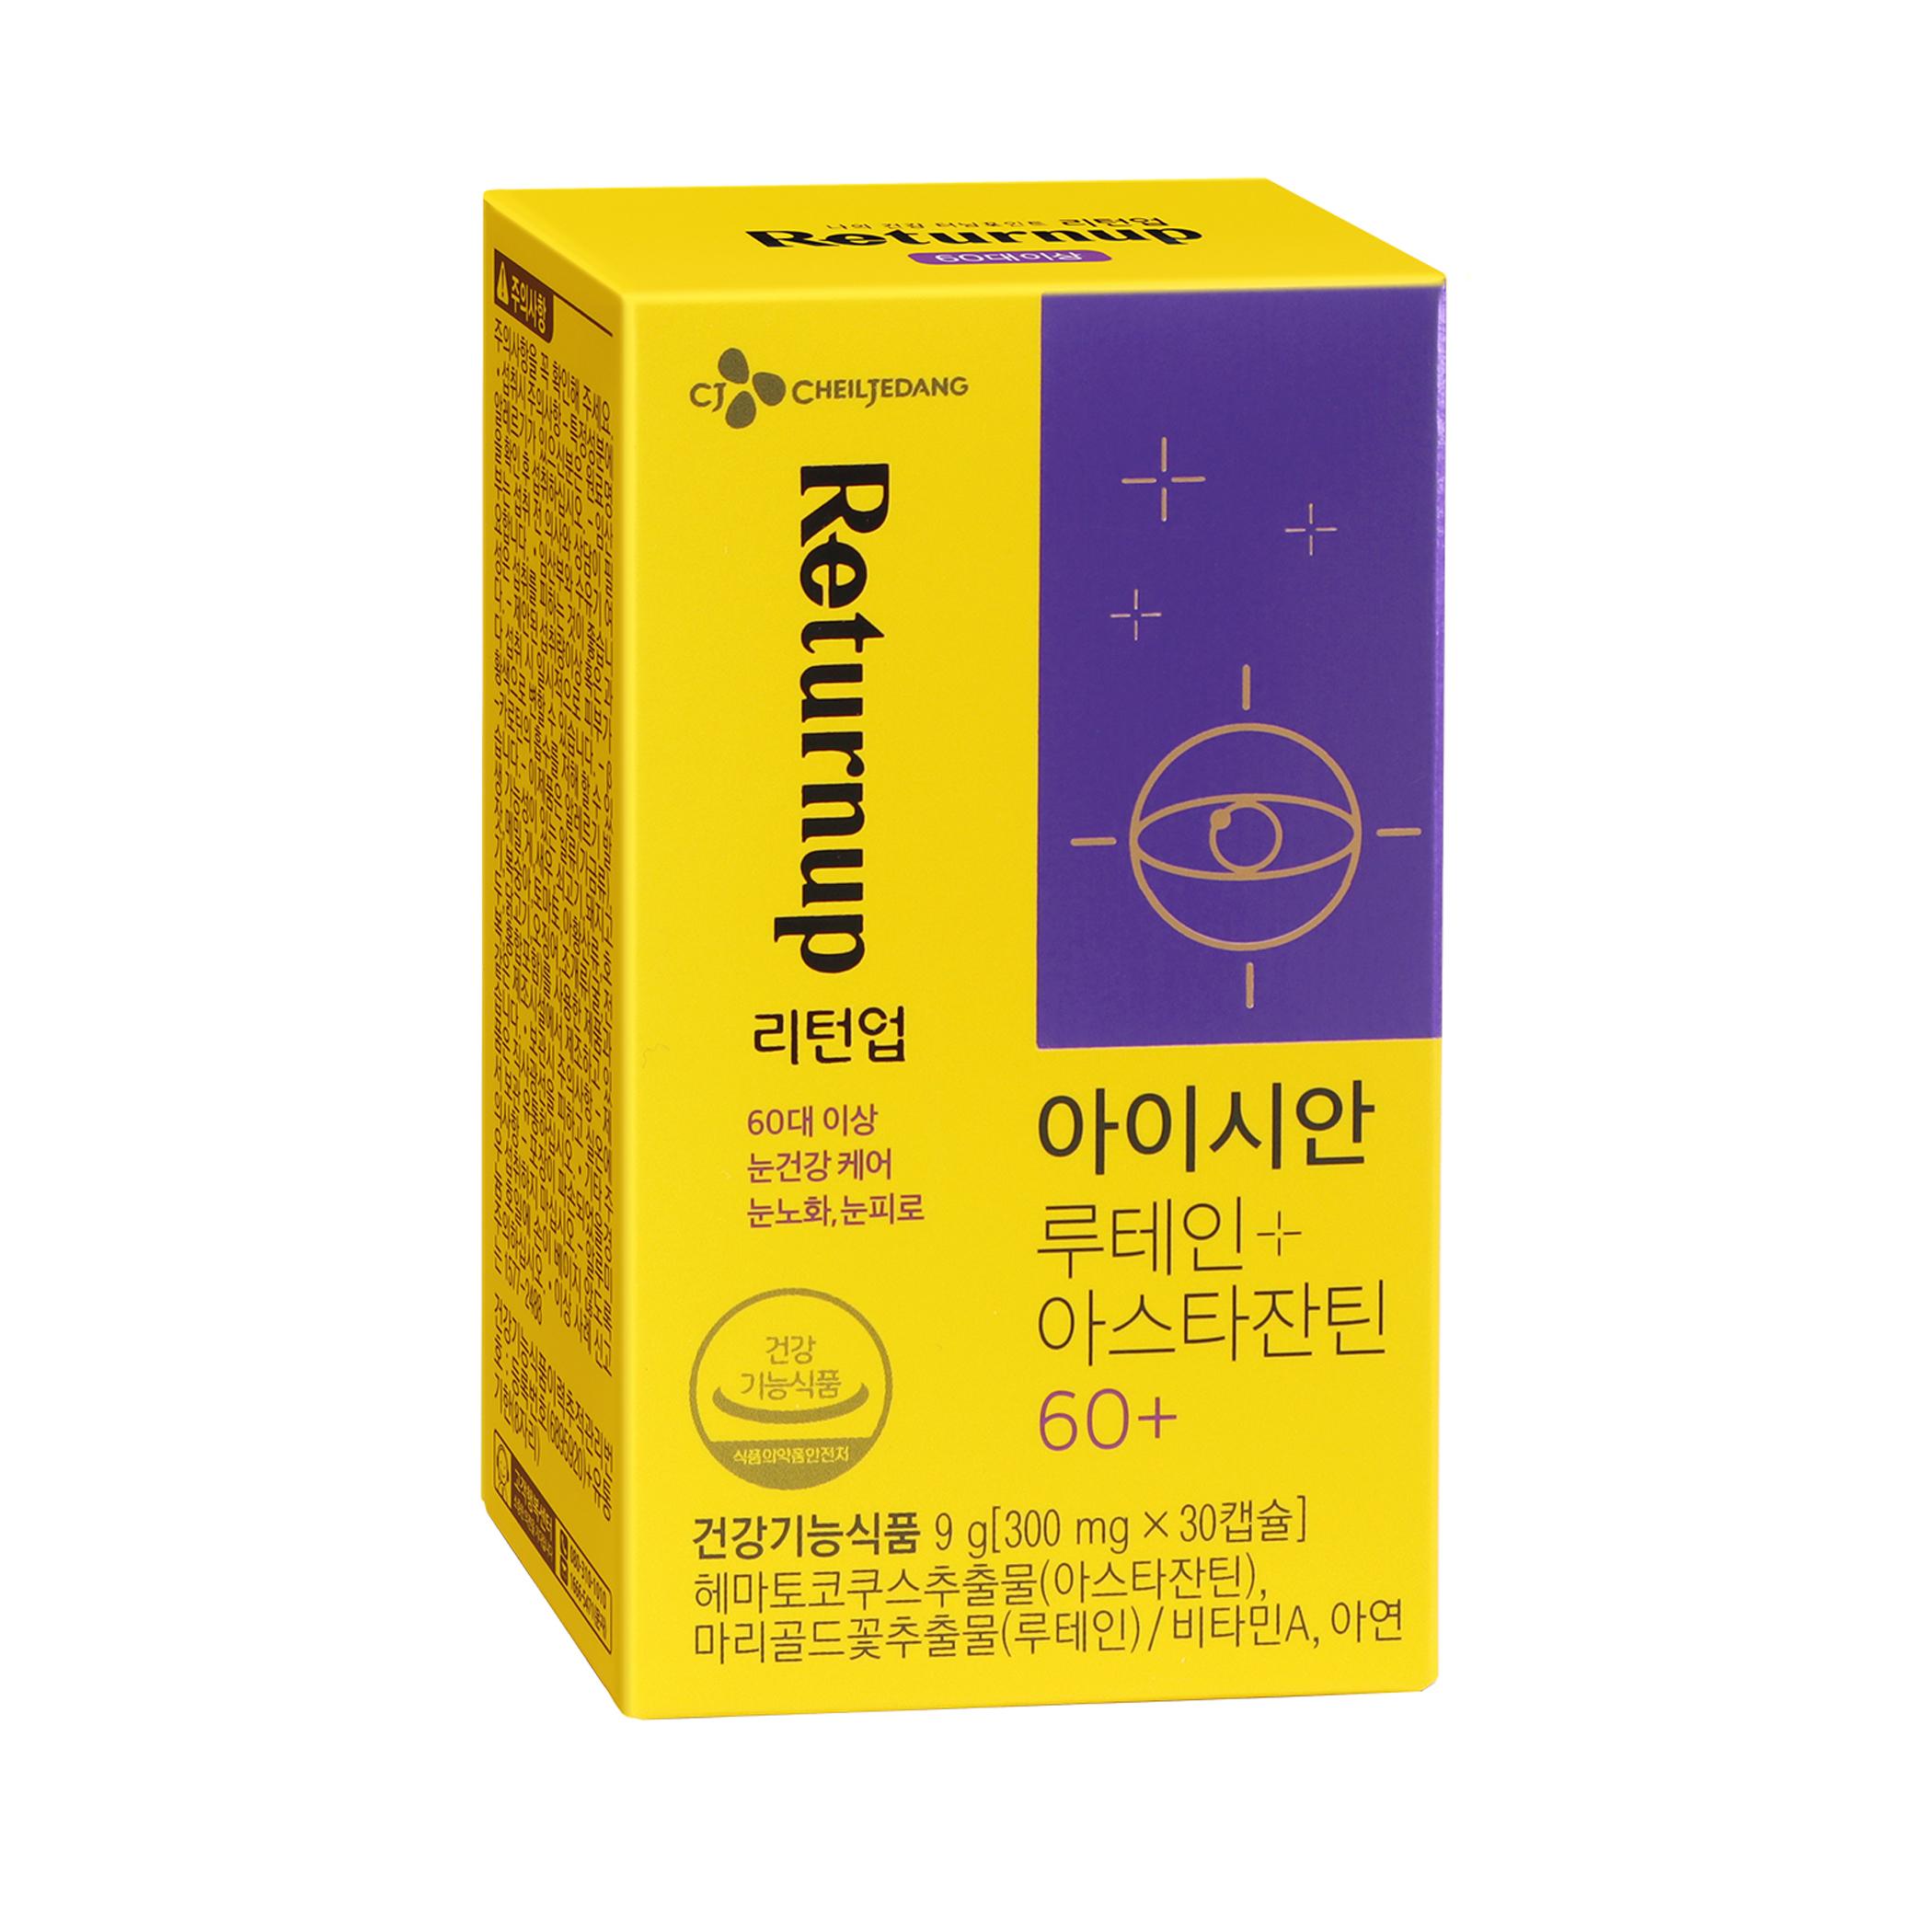 리턴업 CJ 아이시안 루테인 아스타잔틴 60플러스, 30캡슐, 1개